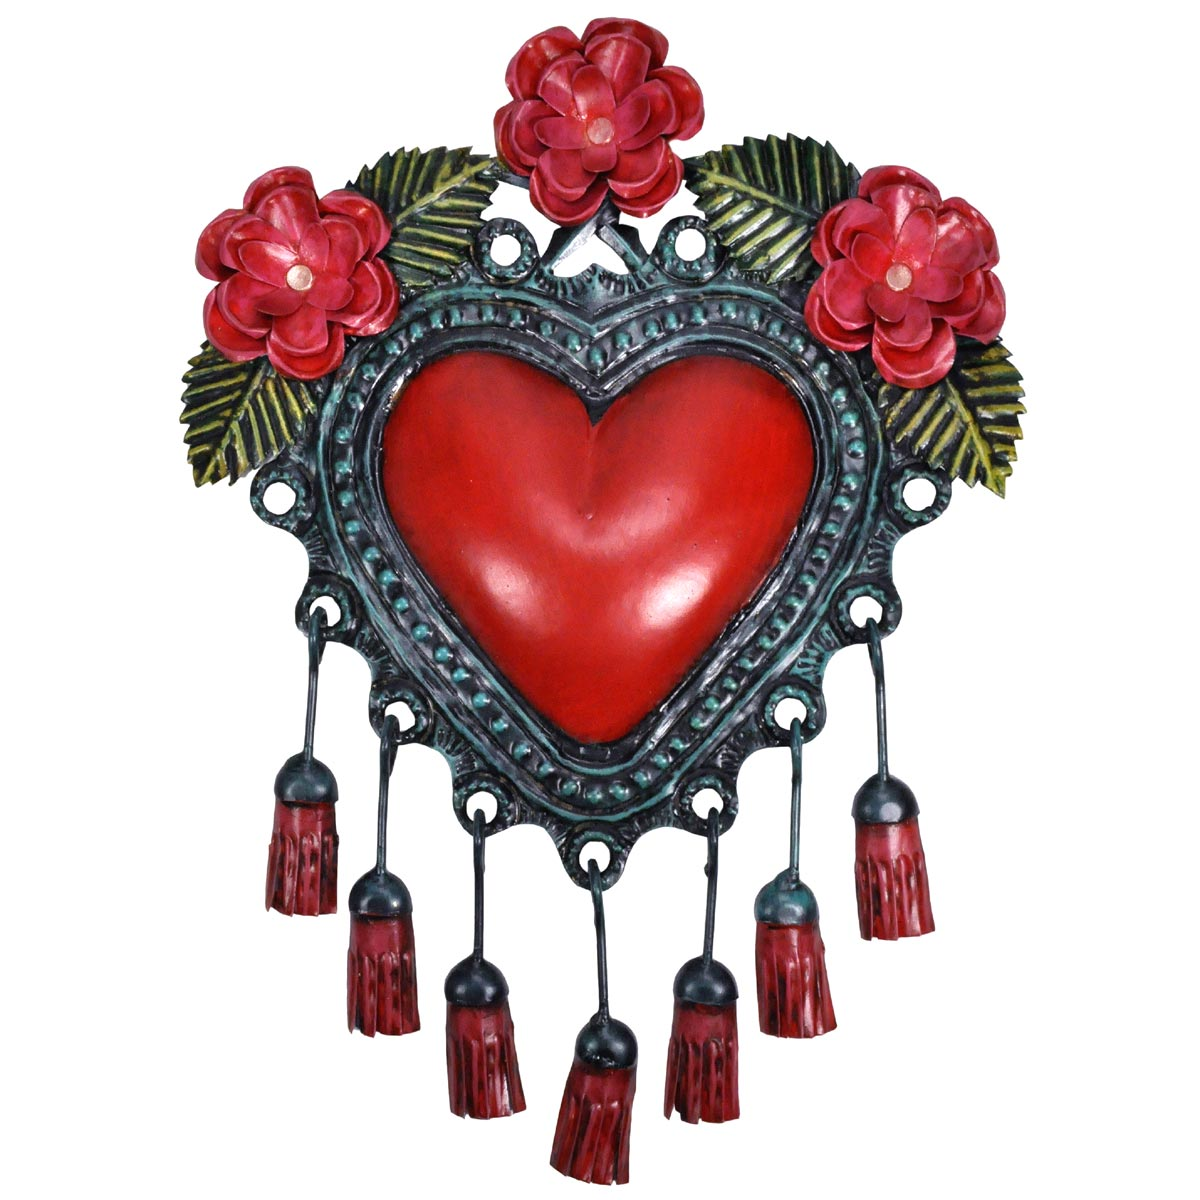 Corazon motas mexikanische deko superskull for Mexikanische dekoration